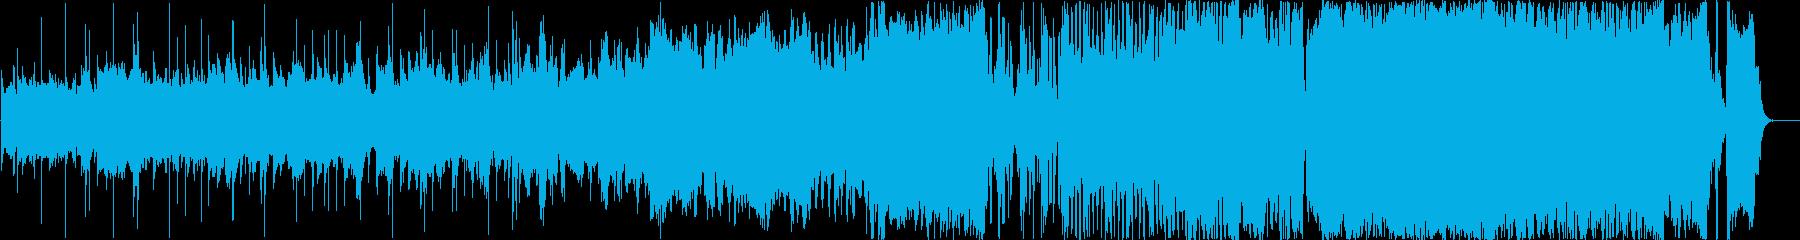 徐々に盛り上がっていく壮大なオーケストラの再生済みの波形